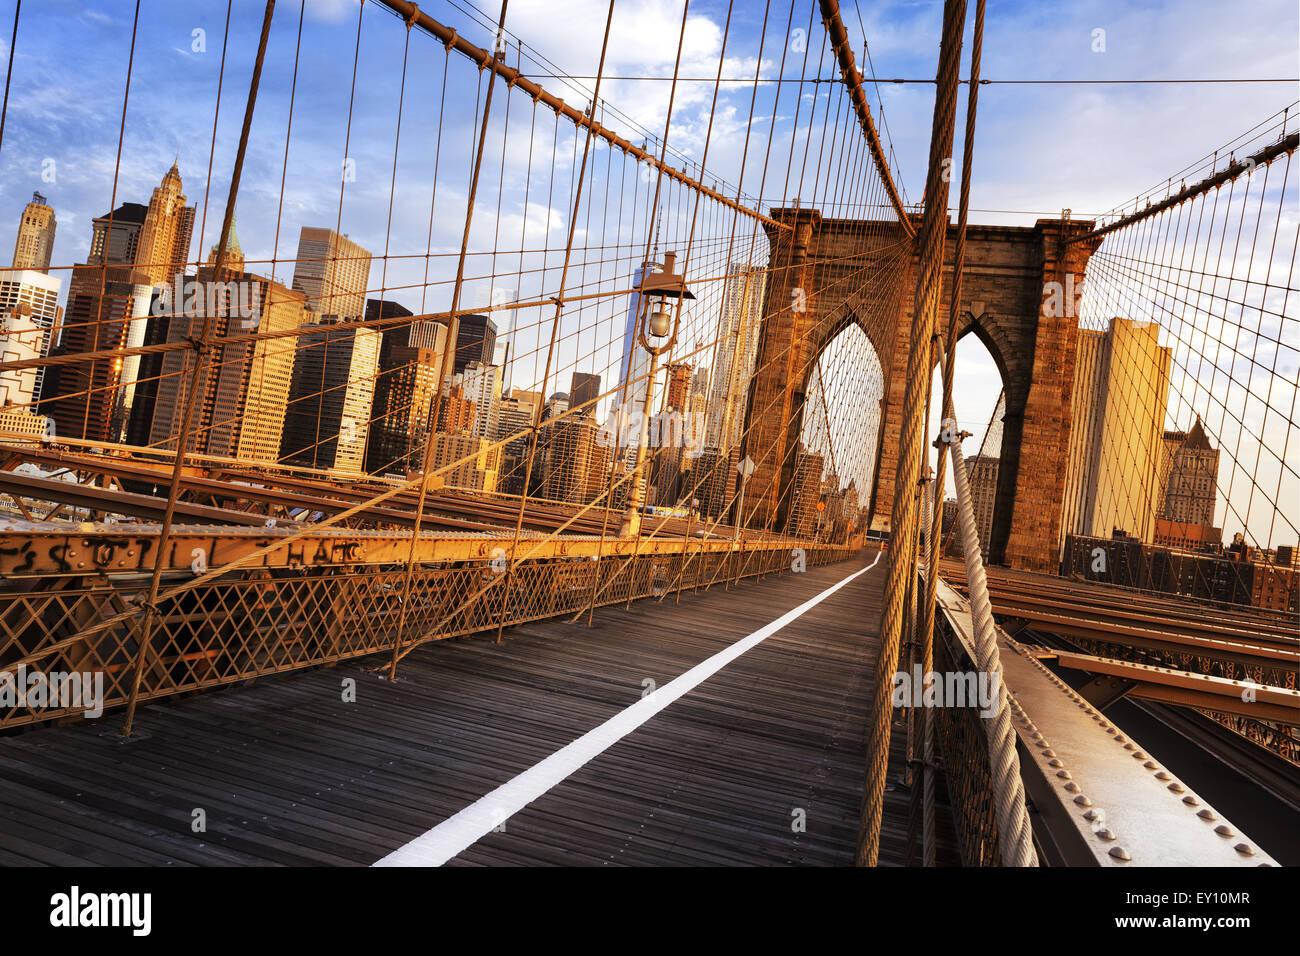 La Ciudad de Nueva York, EE.UU., temprano en la mañana en el famoso Puente de Brooklyn Imagen De Stock